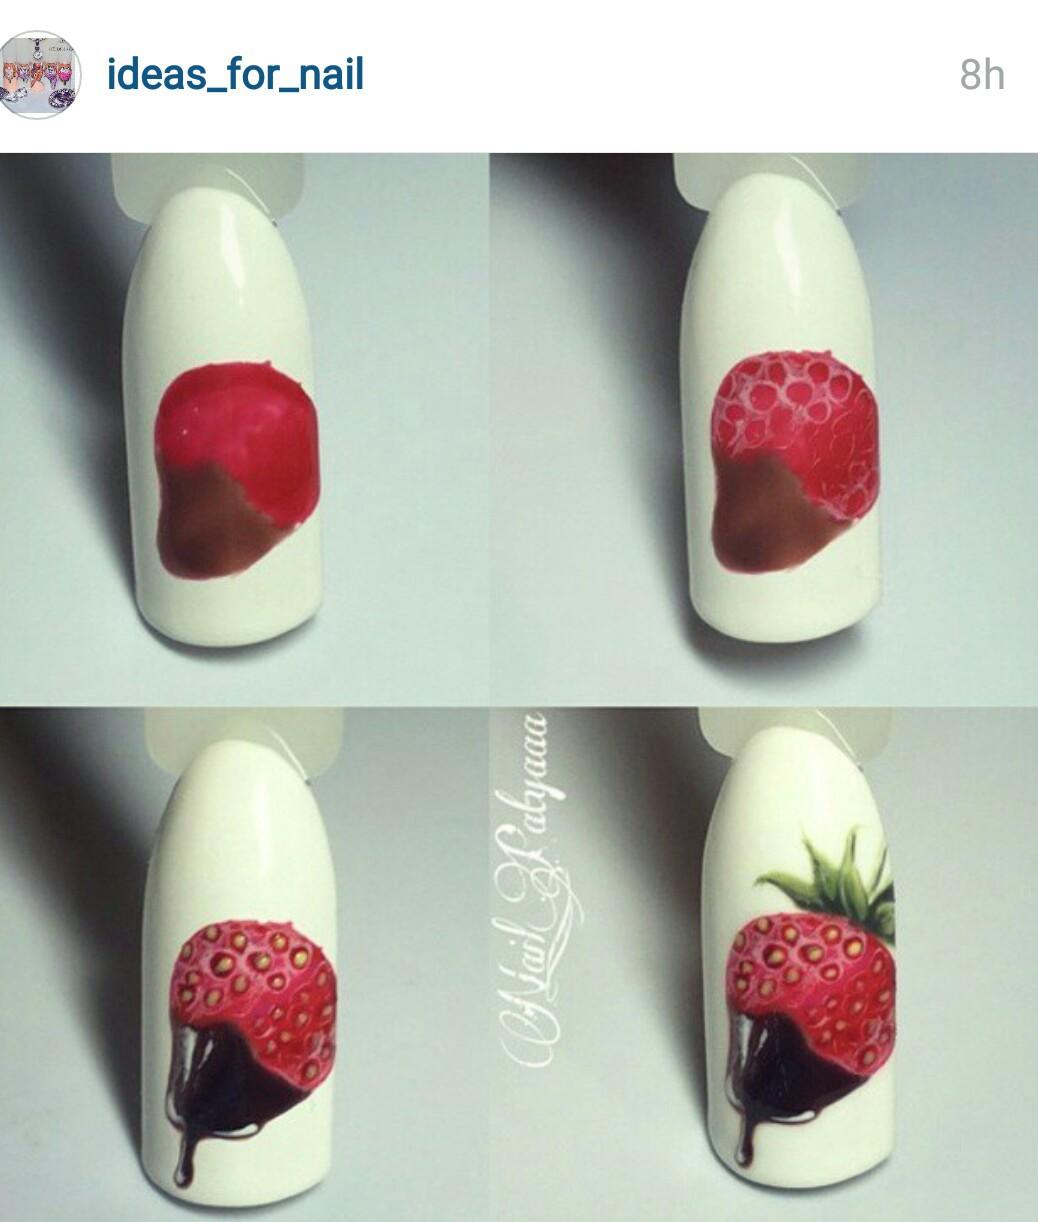 Как рисовать на ногтях гель-красками: пошагово для начинающих 43